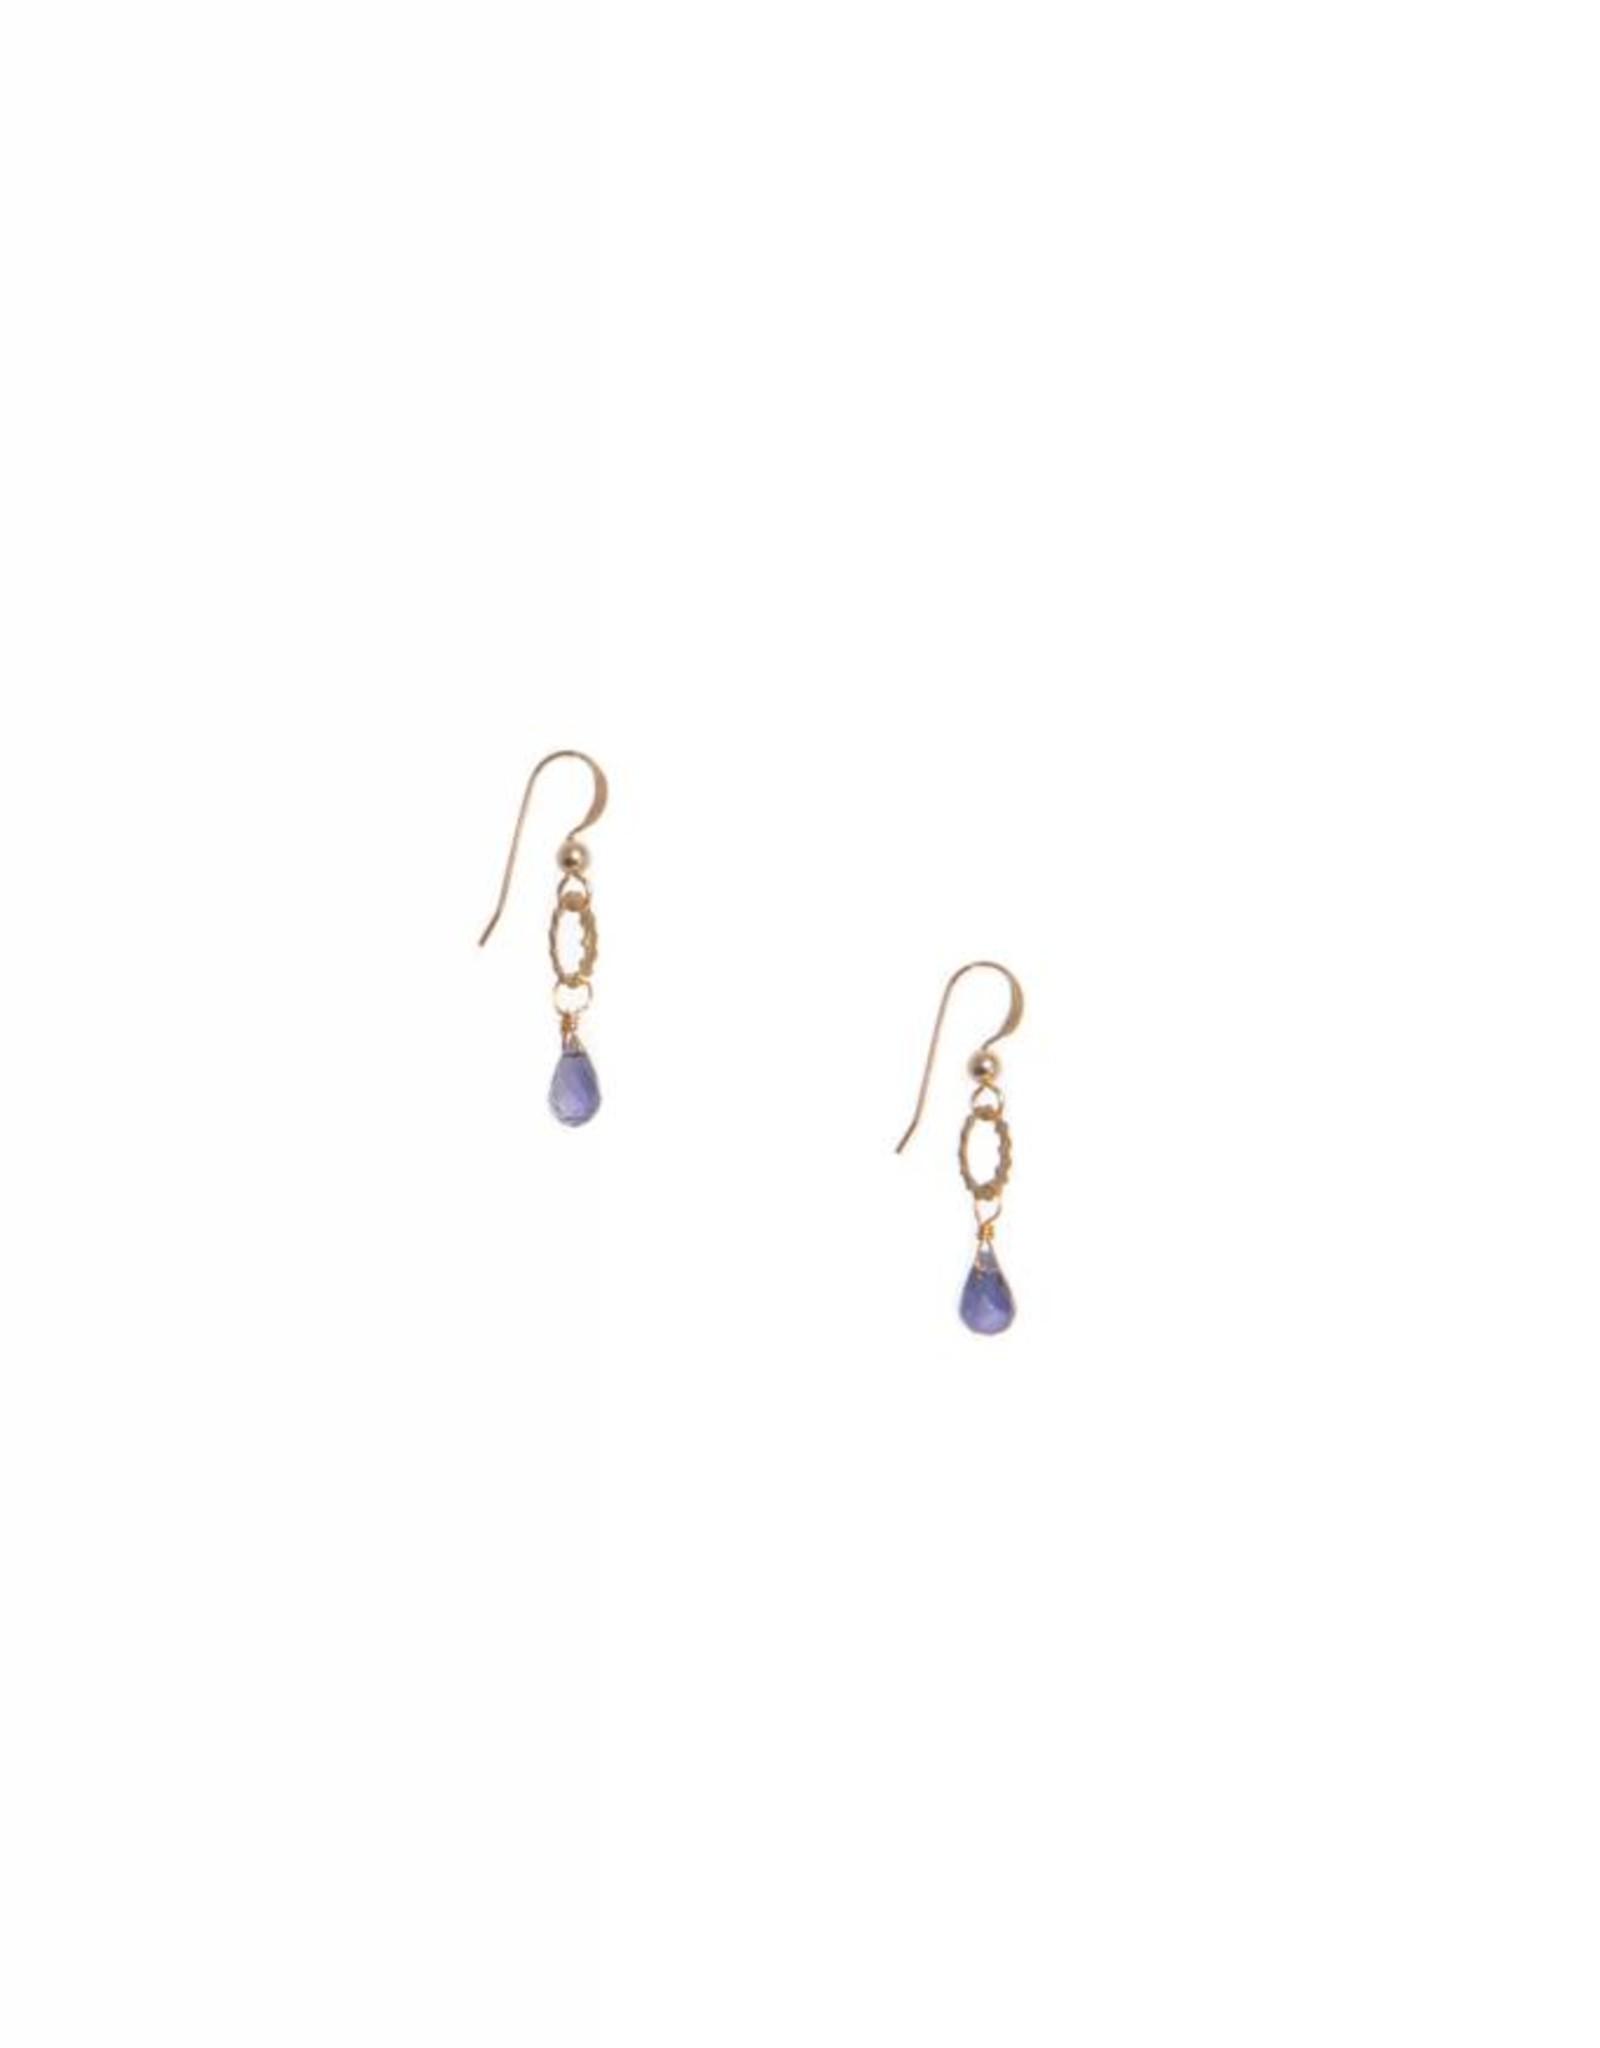 Hailey Gerrits Designs Eos Earrings - Iolite